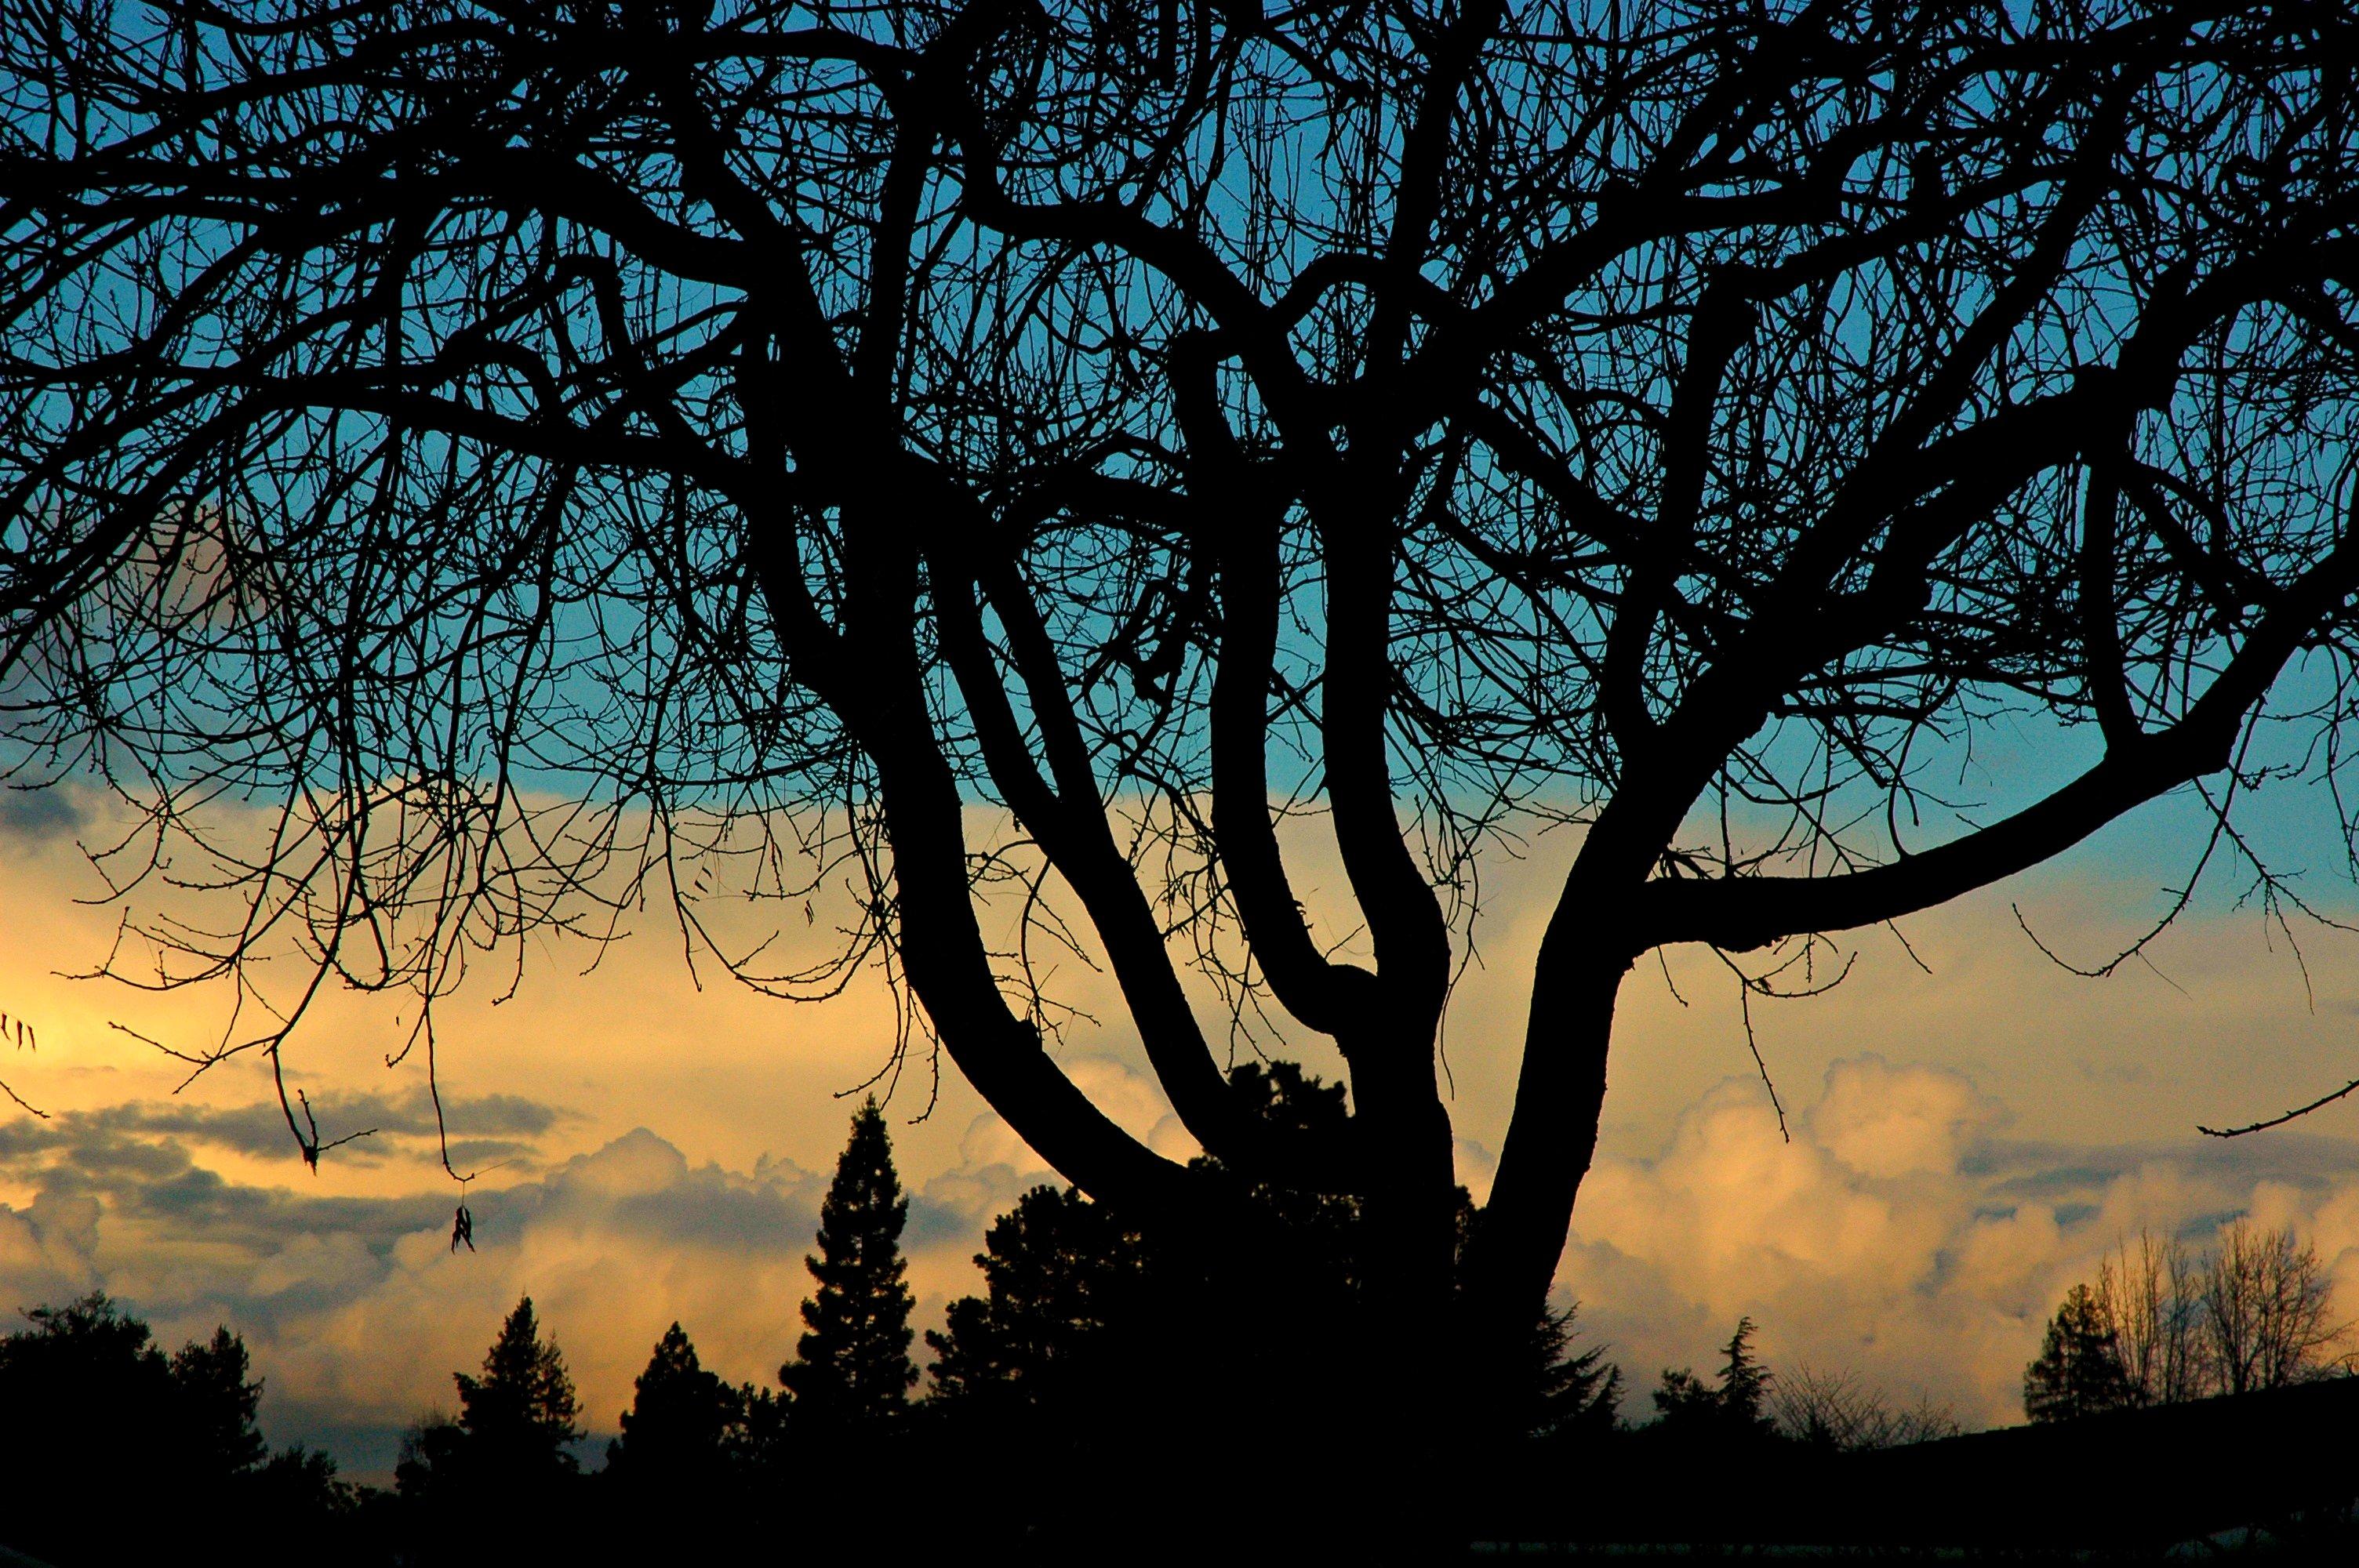 Hintergrundbilder : Kalifornien, USA, Baum, Skelett, Struktur ...